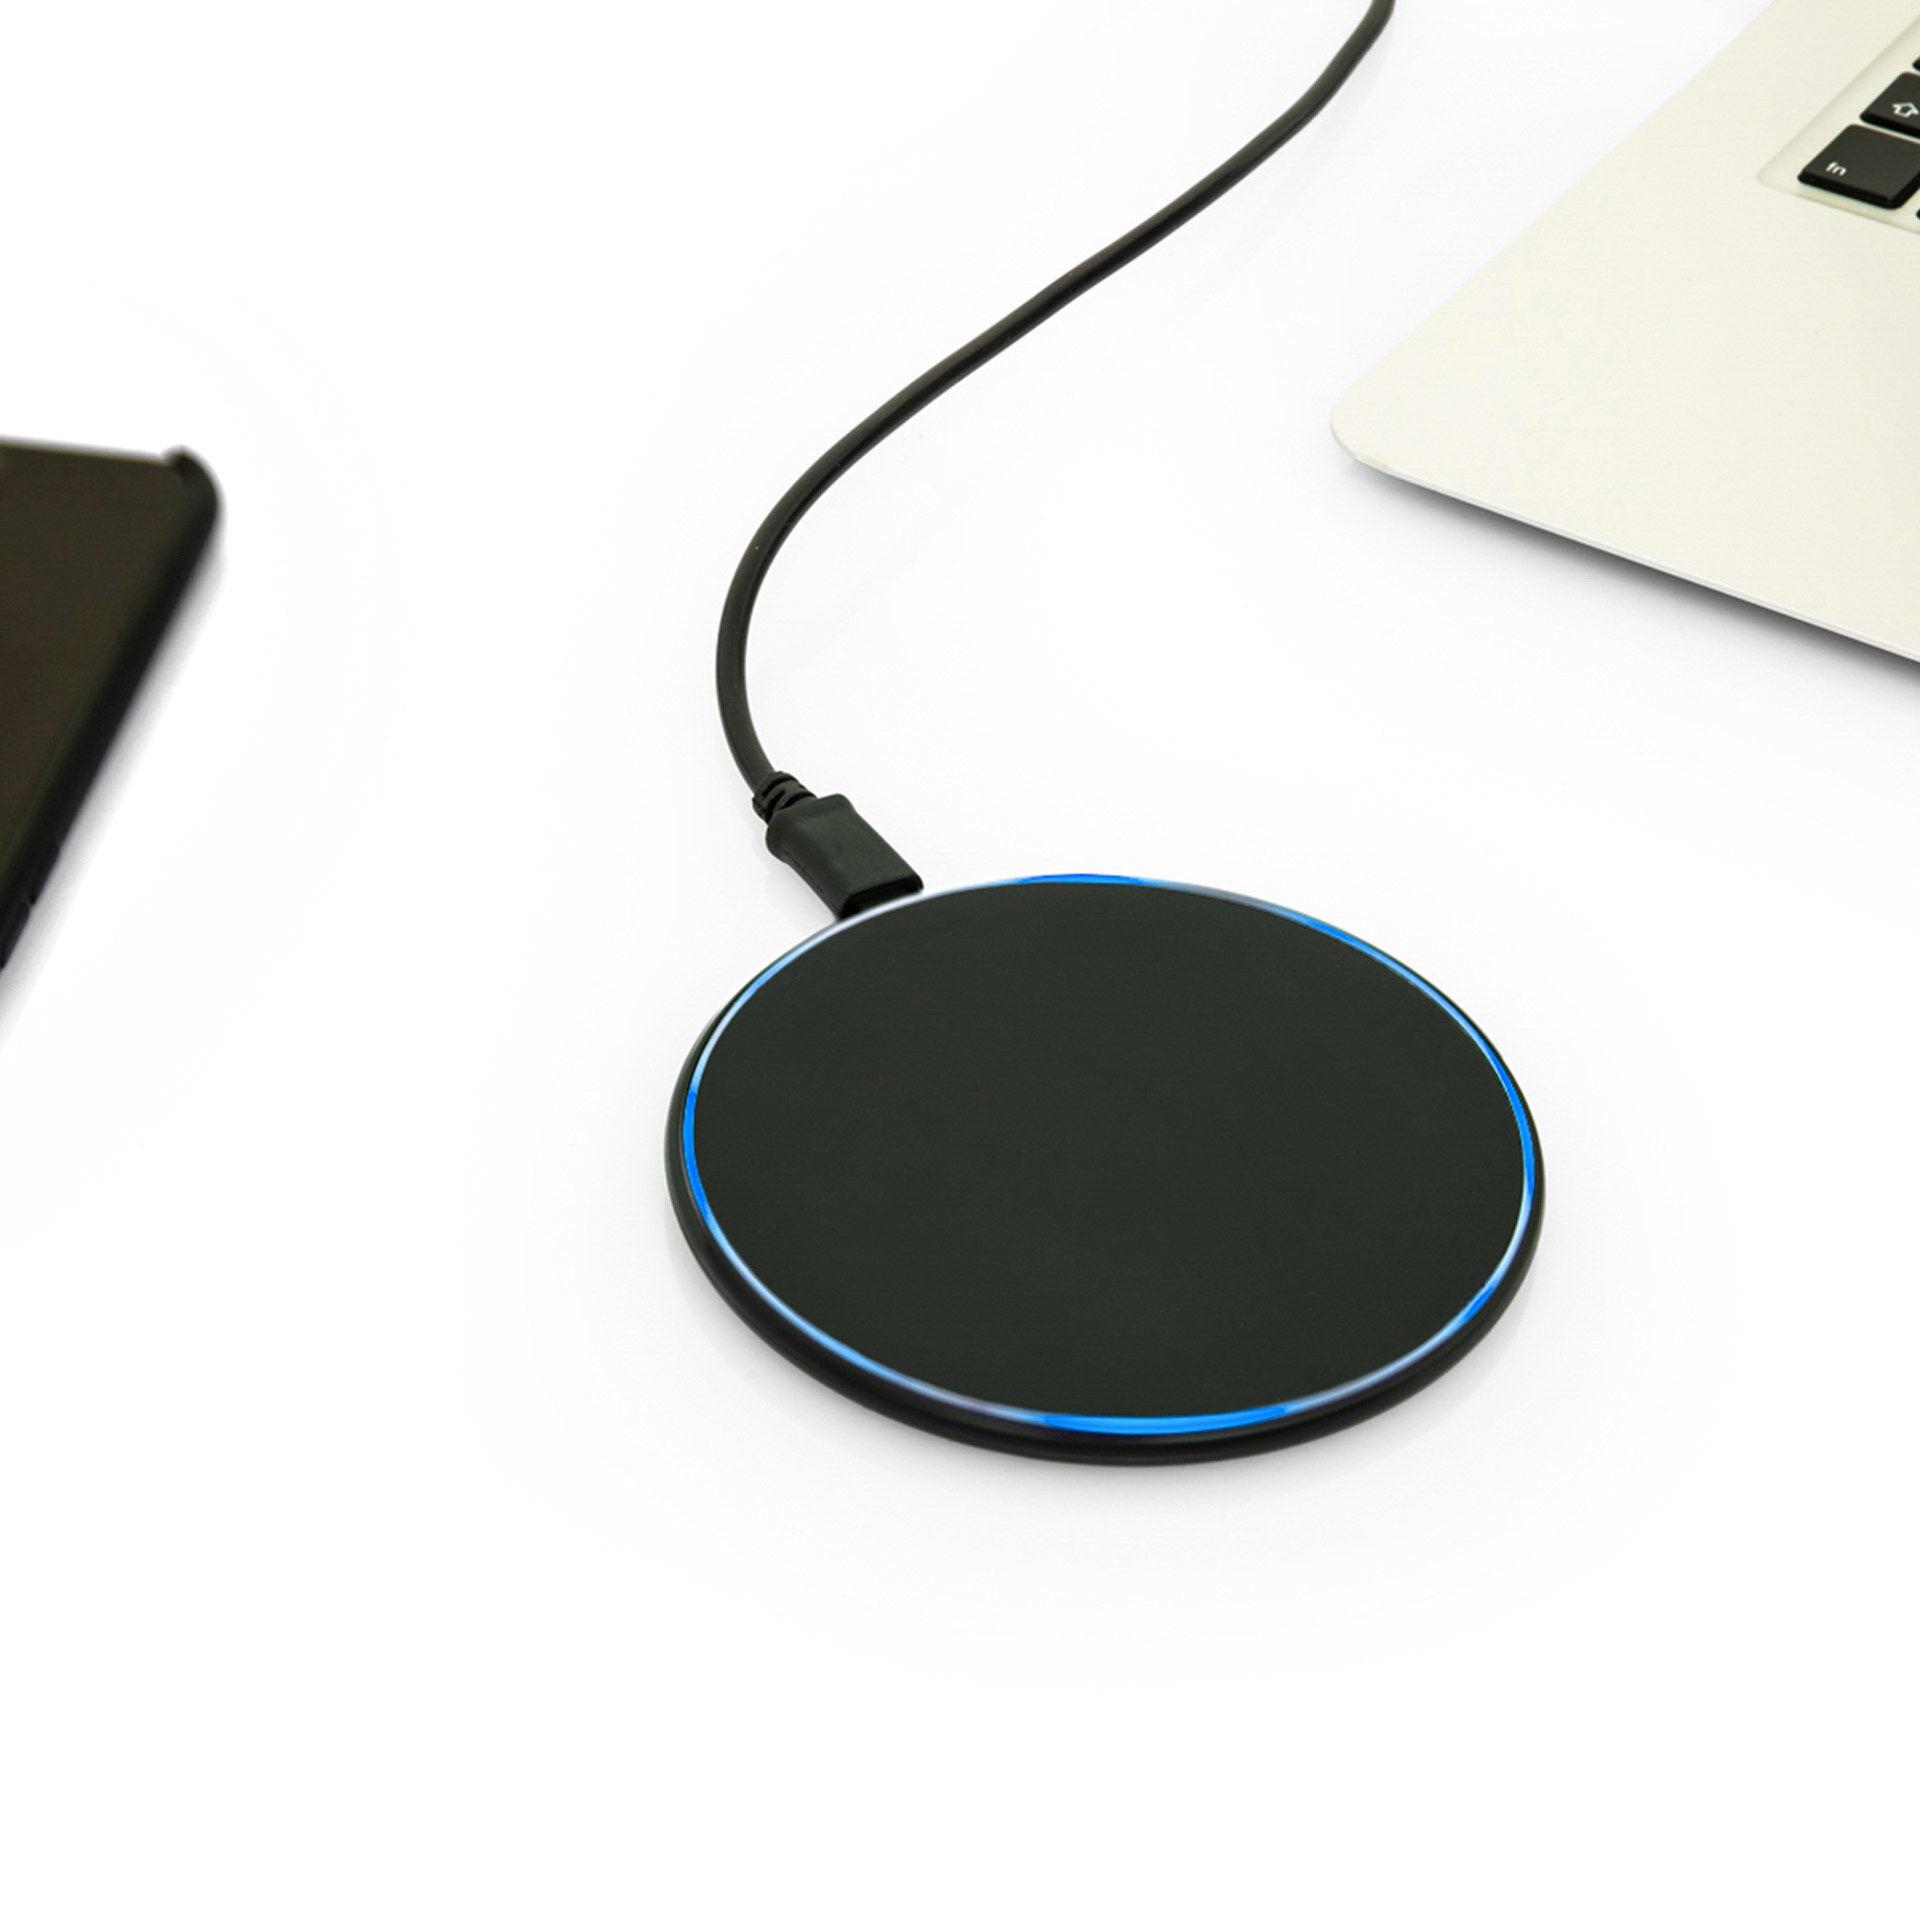 Chargeur sans fil pour smartphone, , large